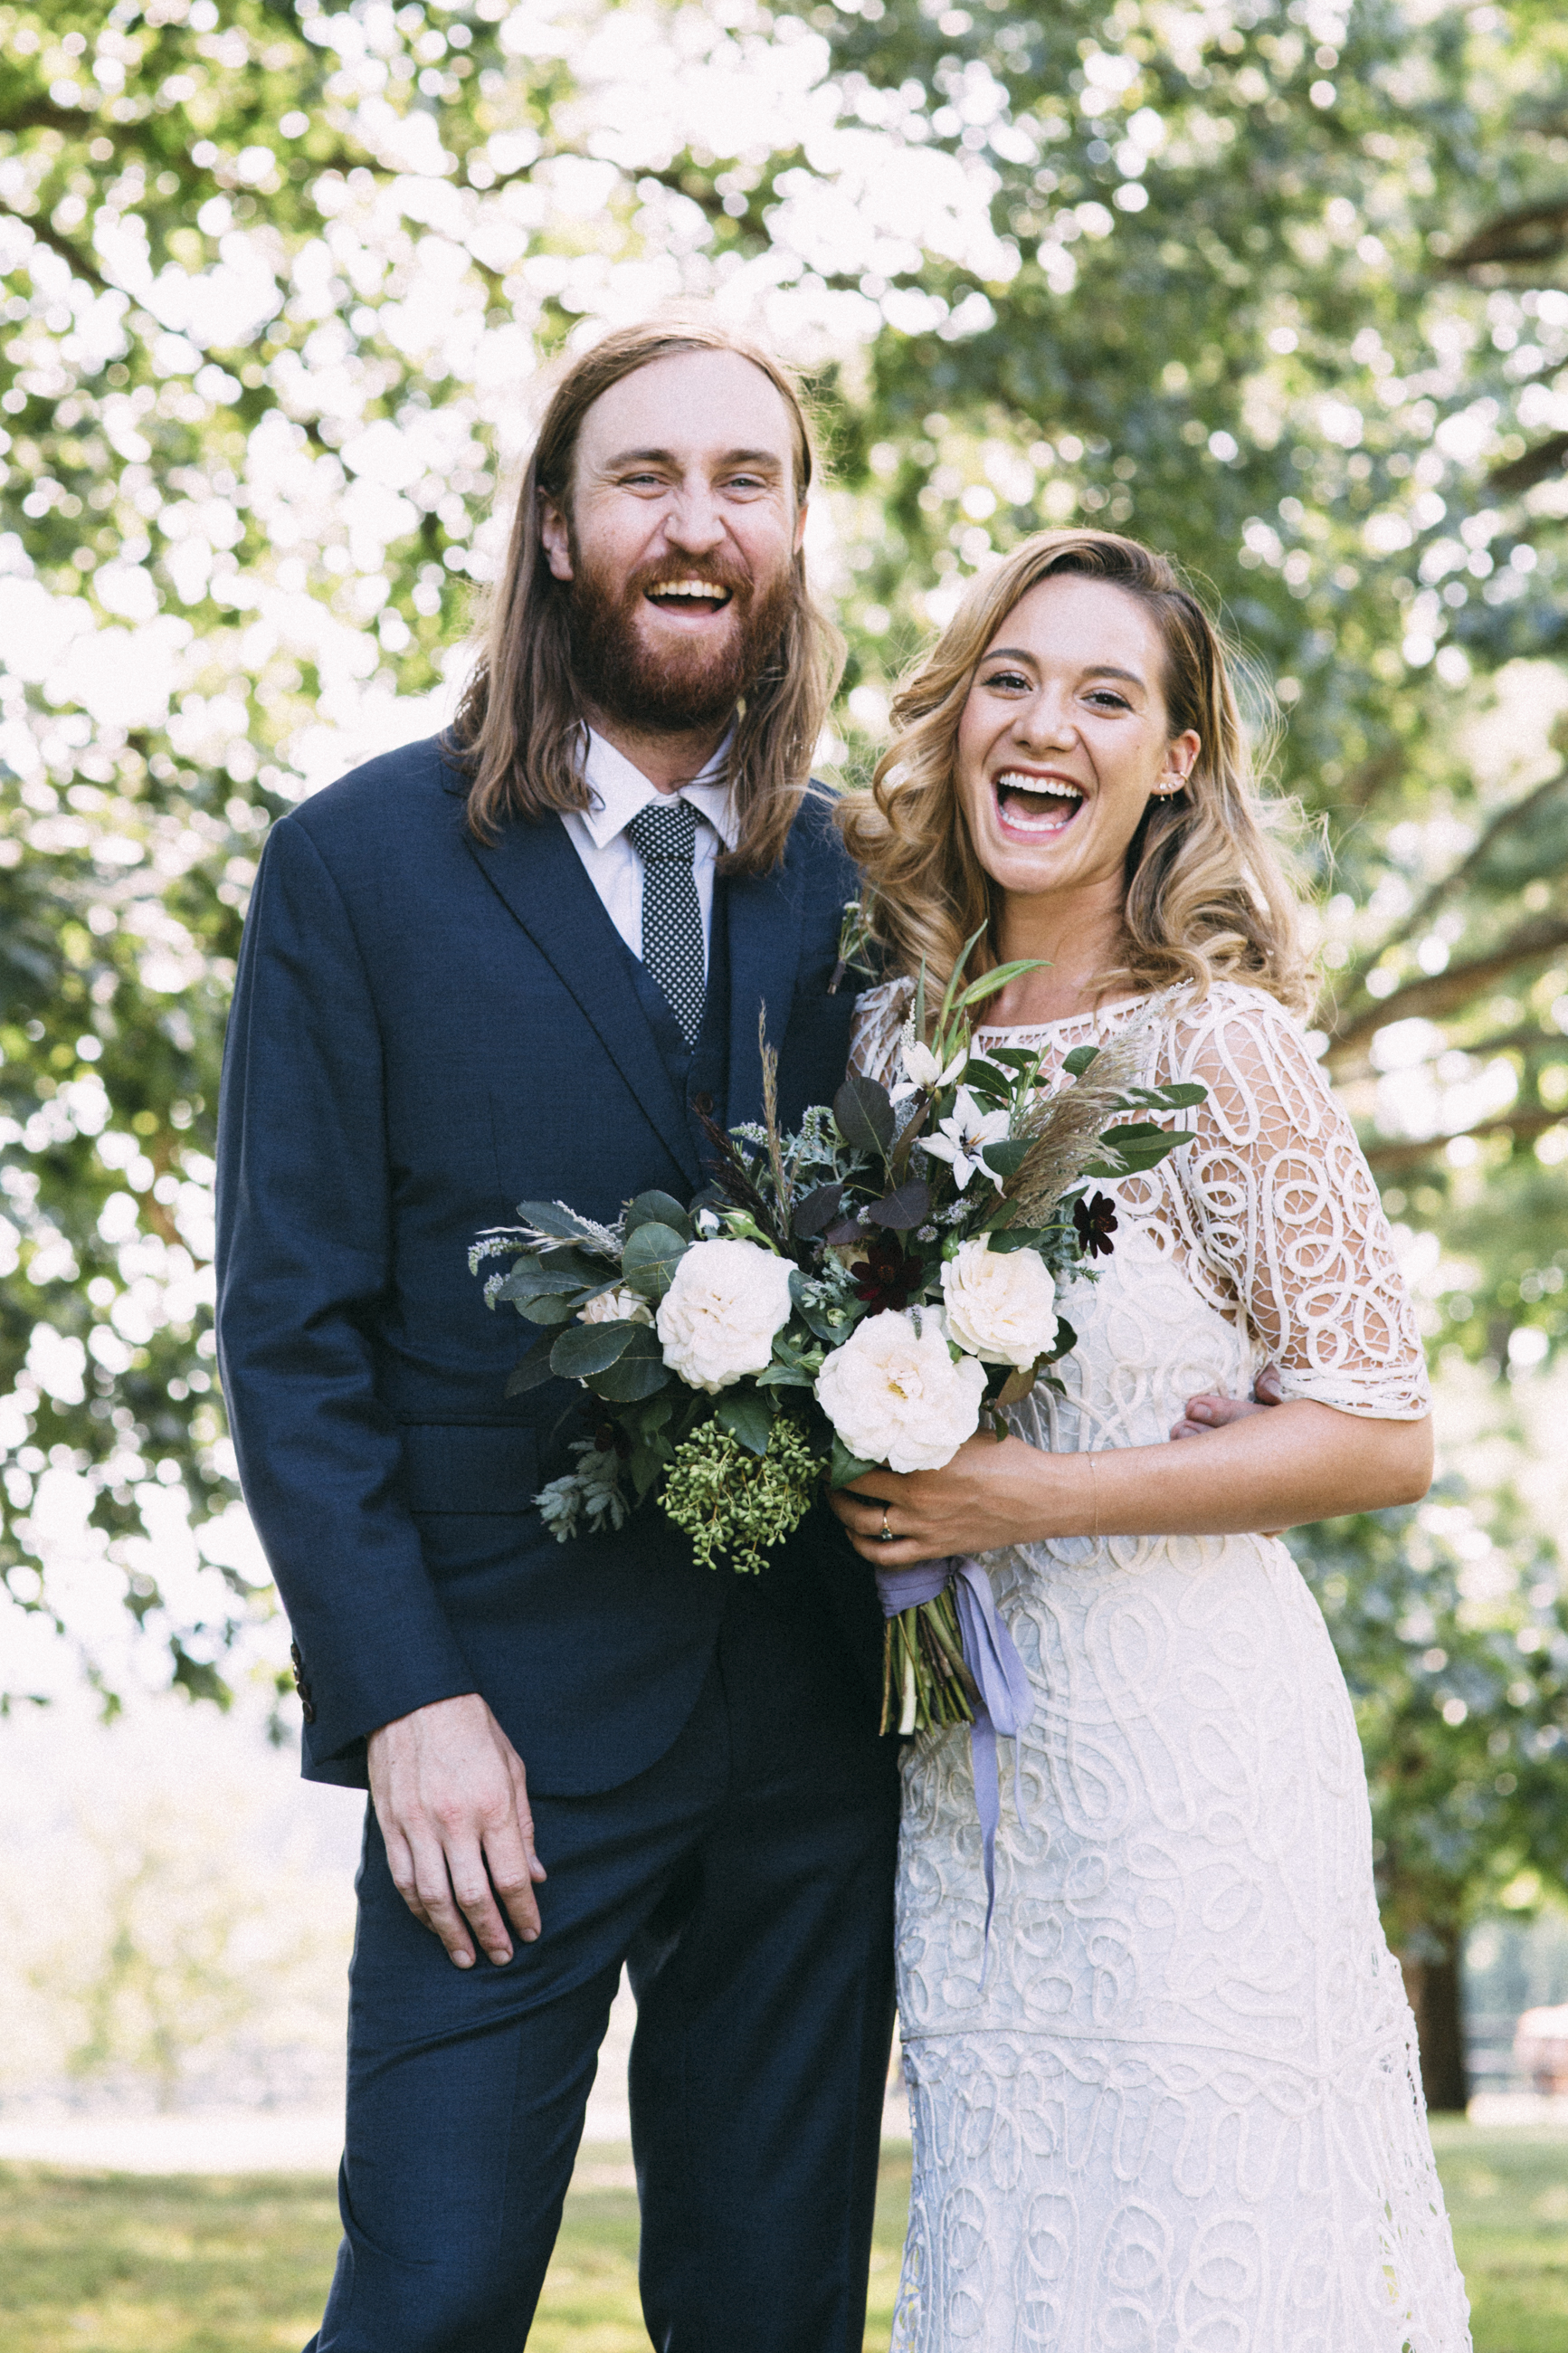 Em_and_Ax_00_wedding-212.jpg